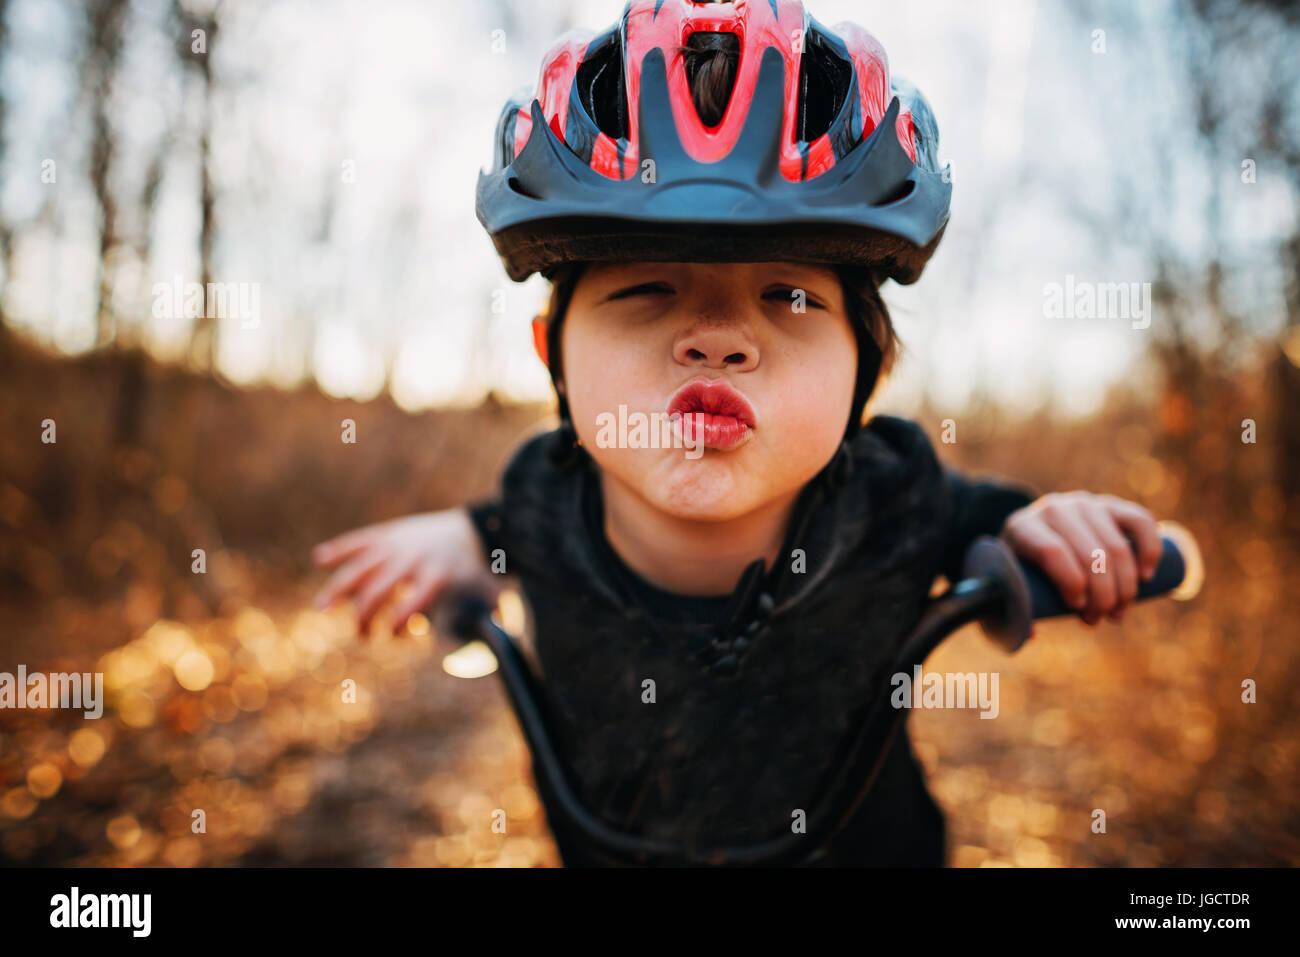 Chico en una bicicleta con un casco fruncir los labios Foto de stock